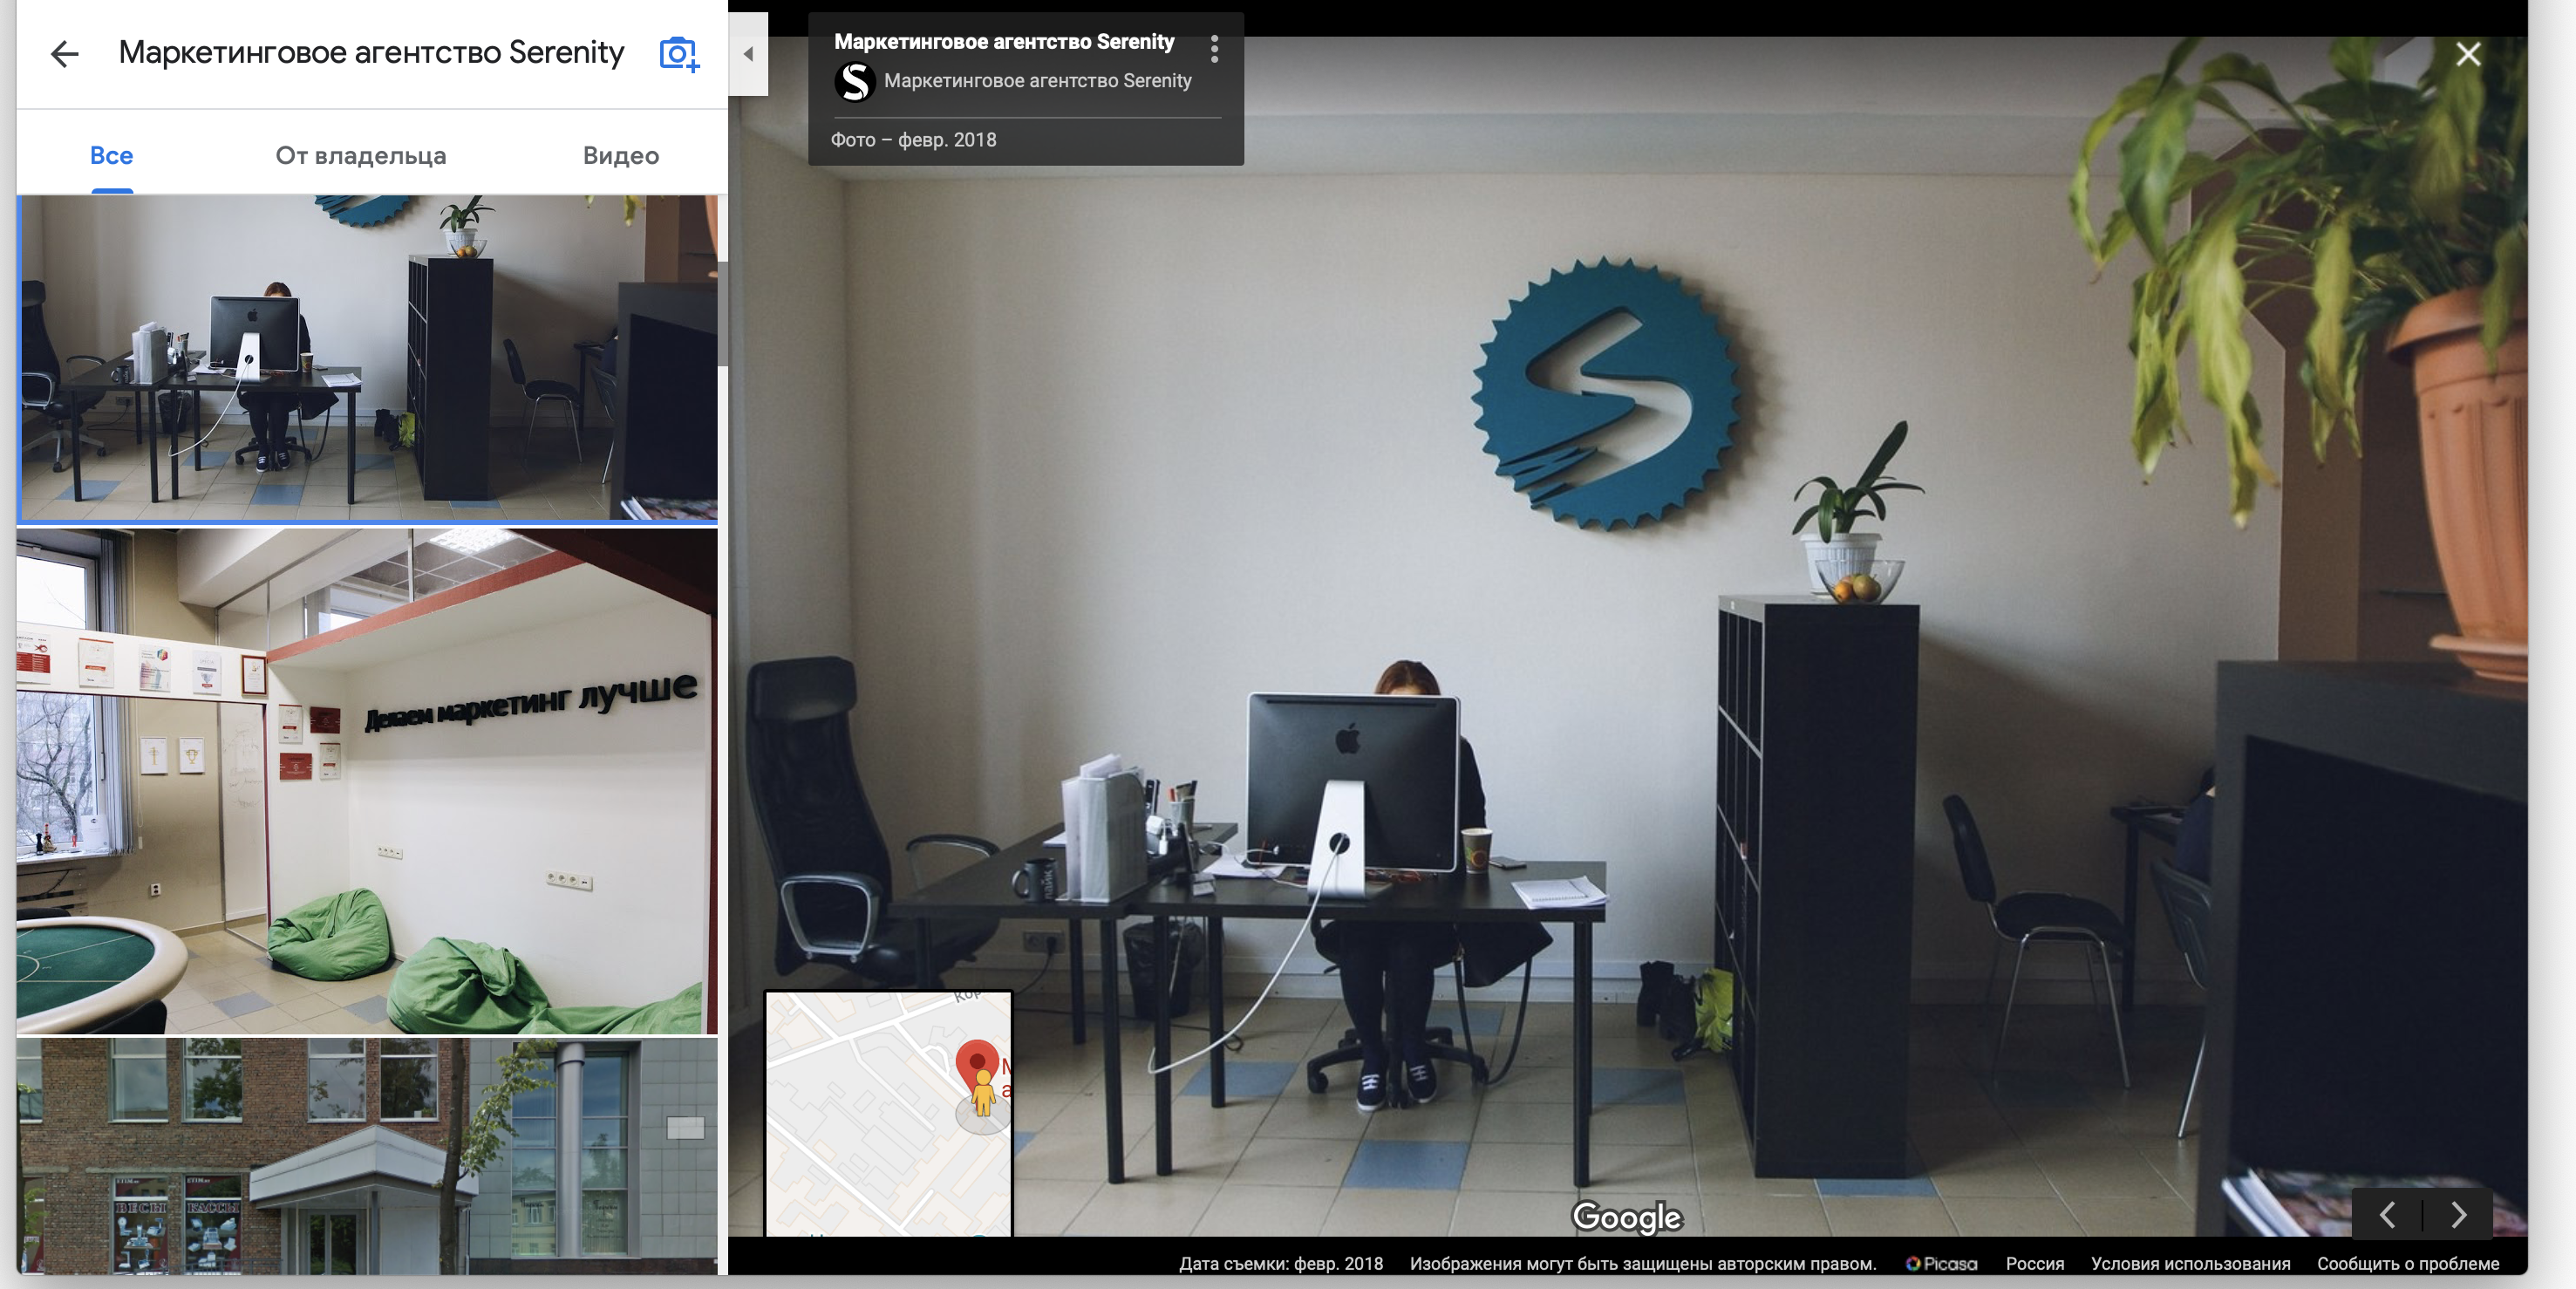 Фото офиса в Google Картах